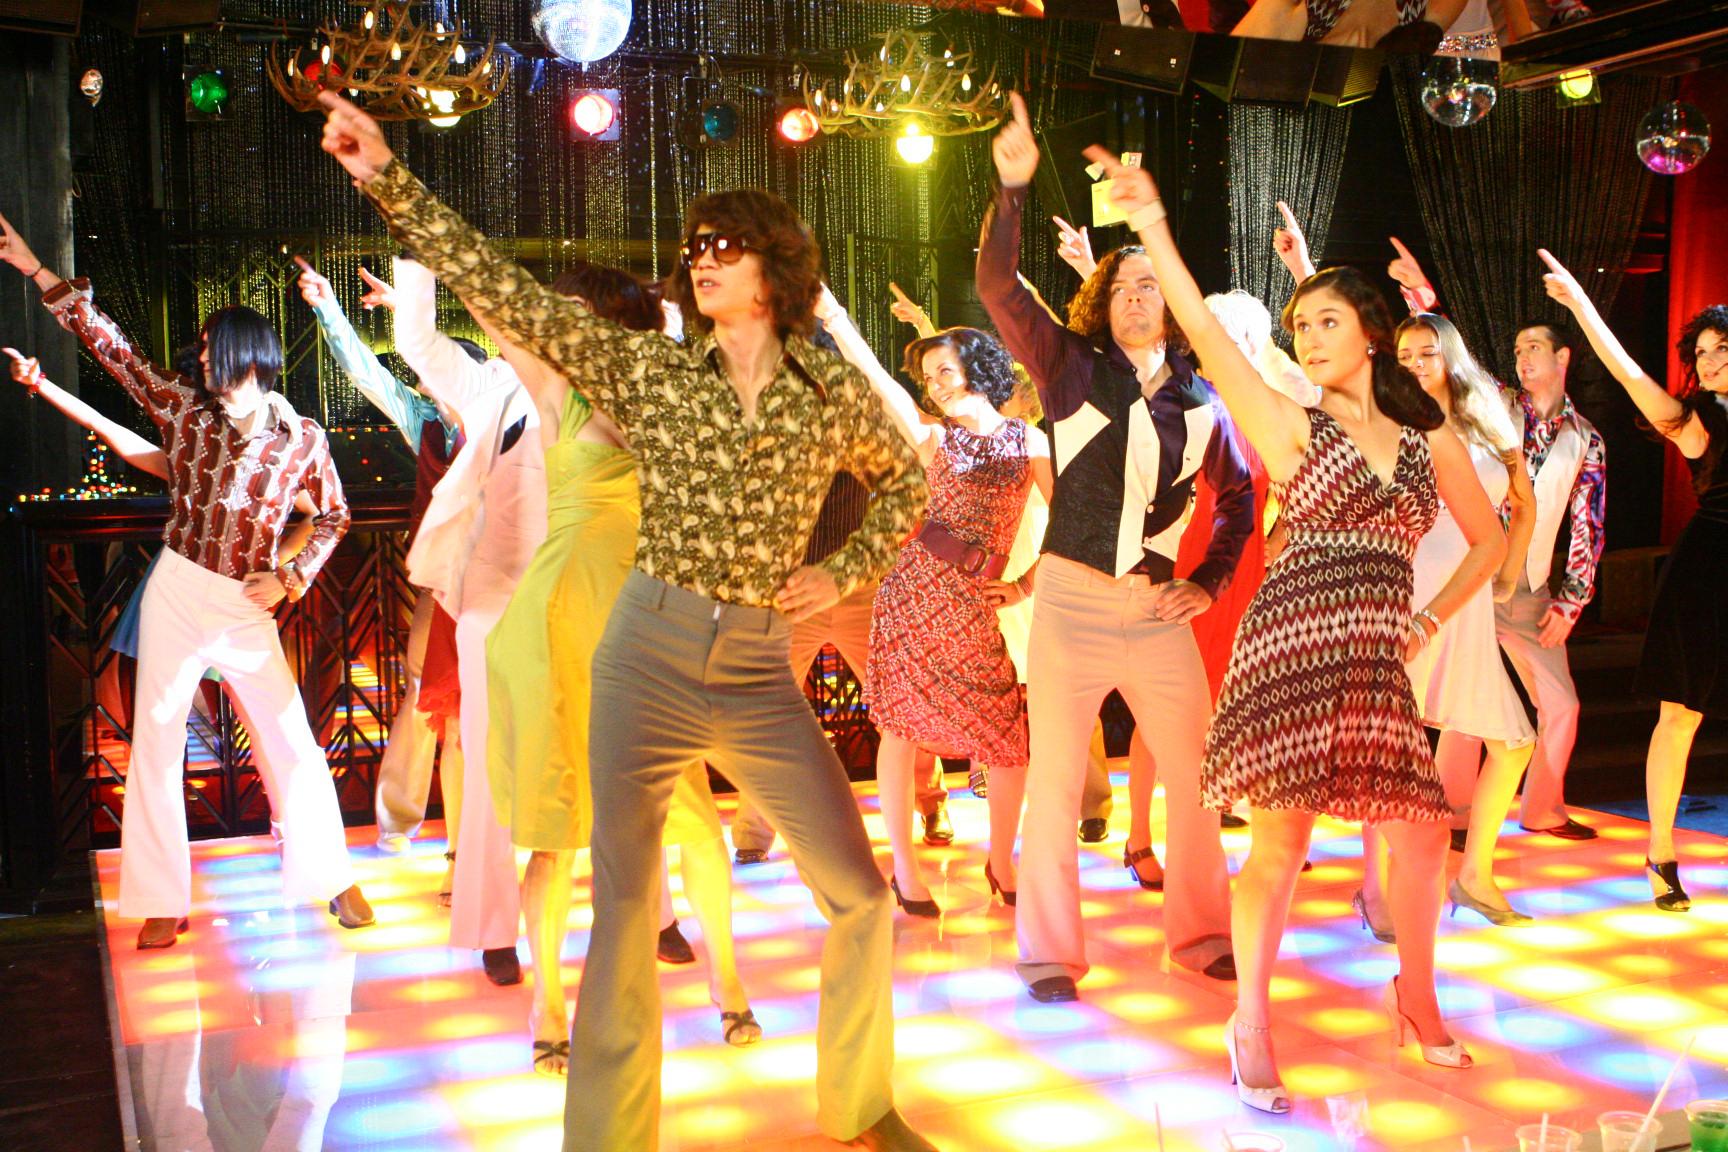 The disco era fashion 48